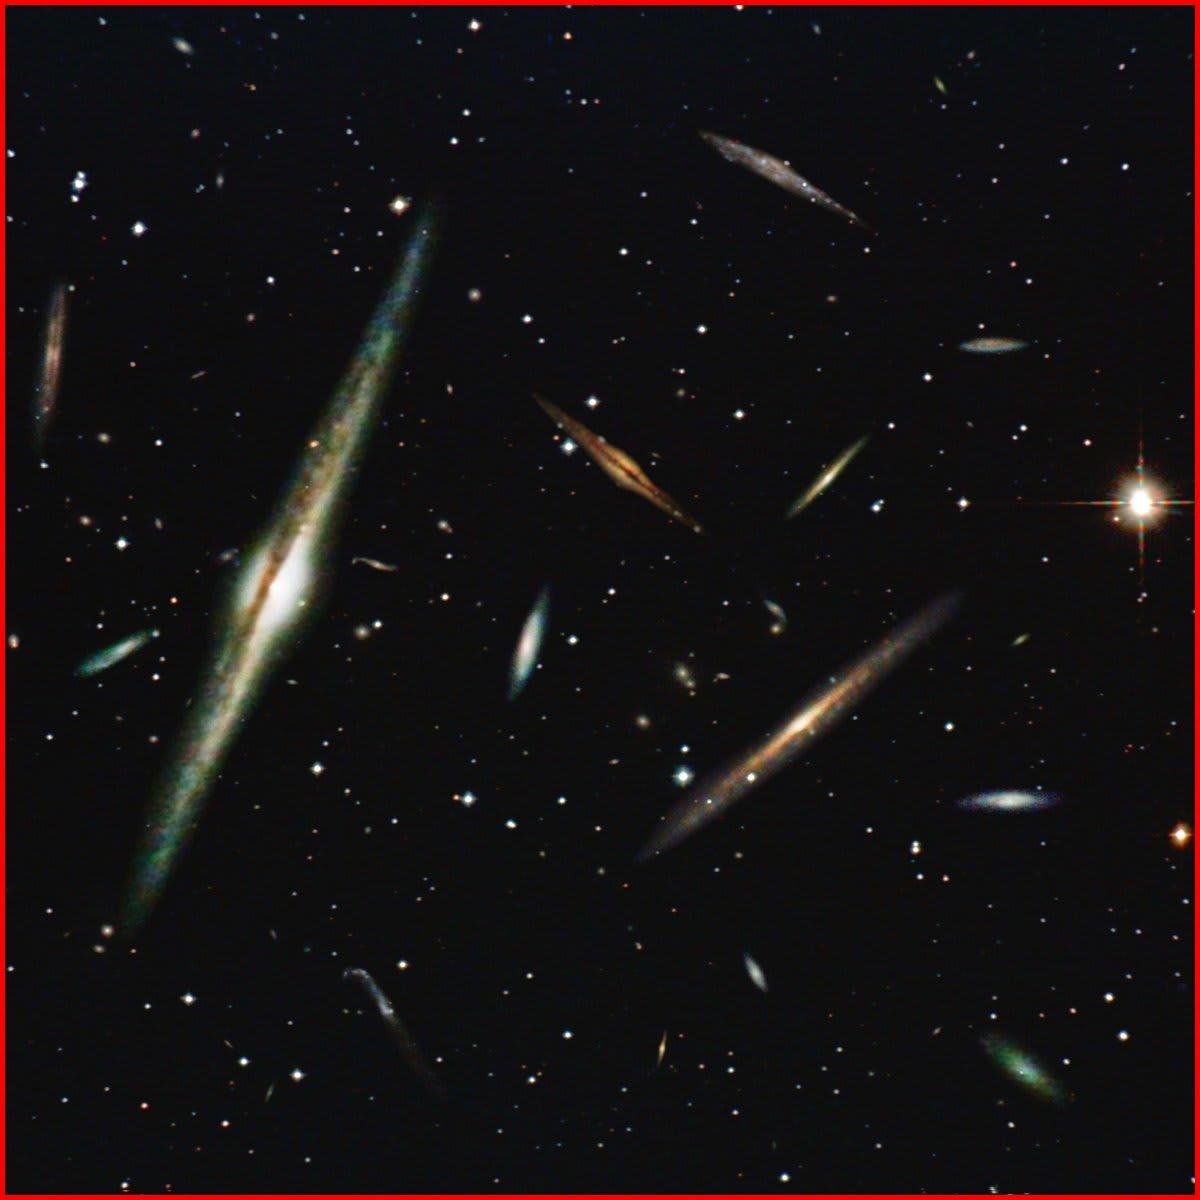 針のむしろ銀河団 [妄想天体写真館] - 雲の上には宇宙(そら)